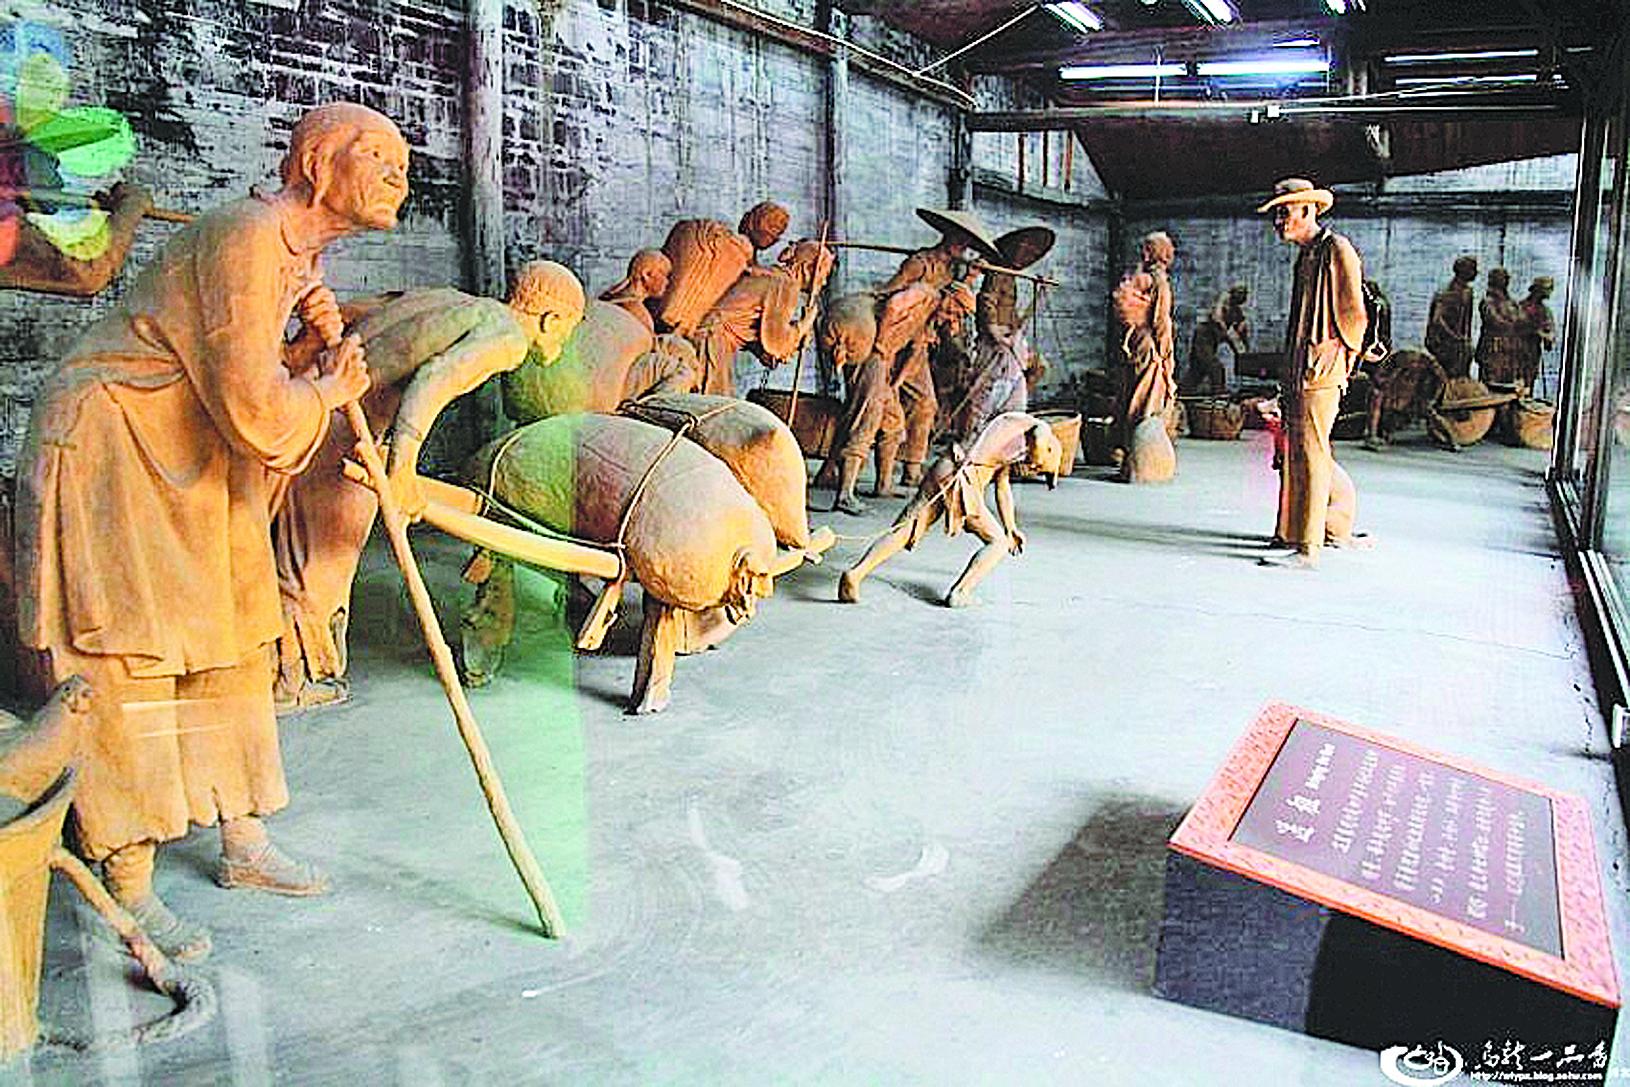 1965年初,中共在四川大邑縣劉文彩地主莊園陳列館的泥塑《收租院》。(網絡圖片)